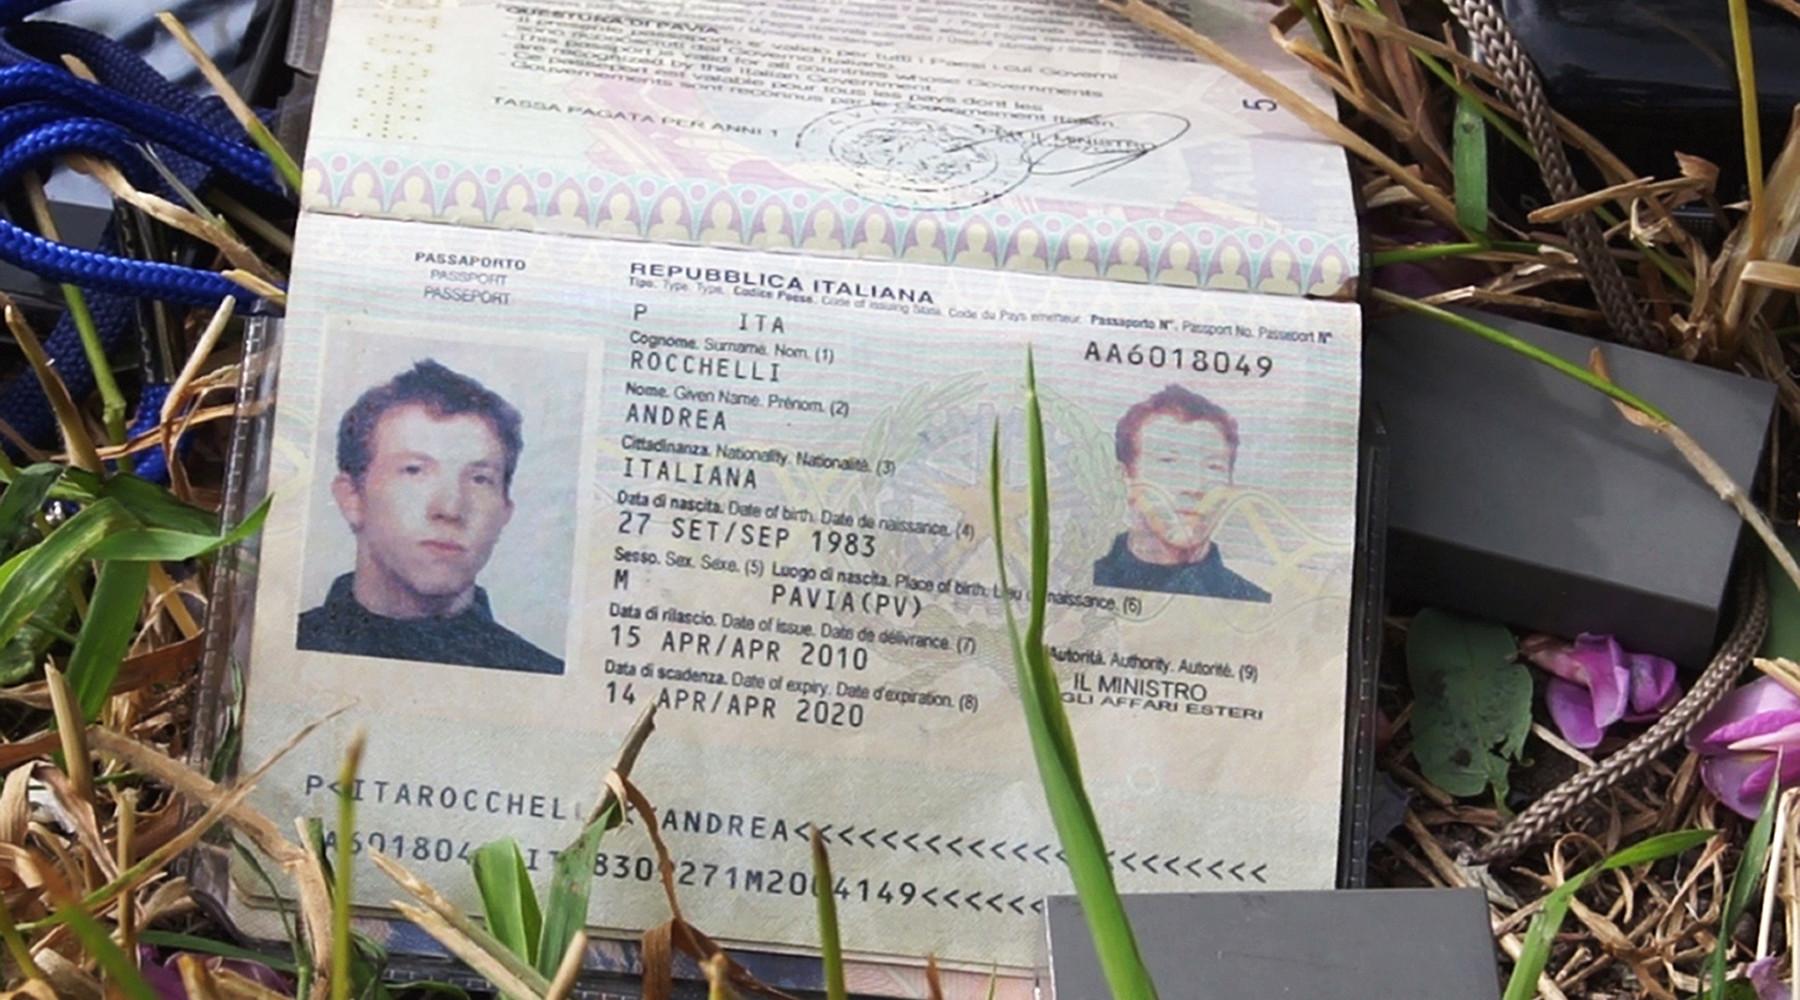 Вдали от родины: в Италии арестован украинец, подозреваемый в убийстве журналиста в Донбассе